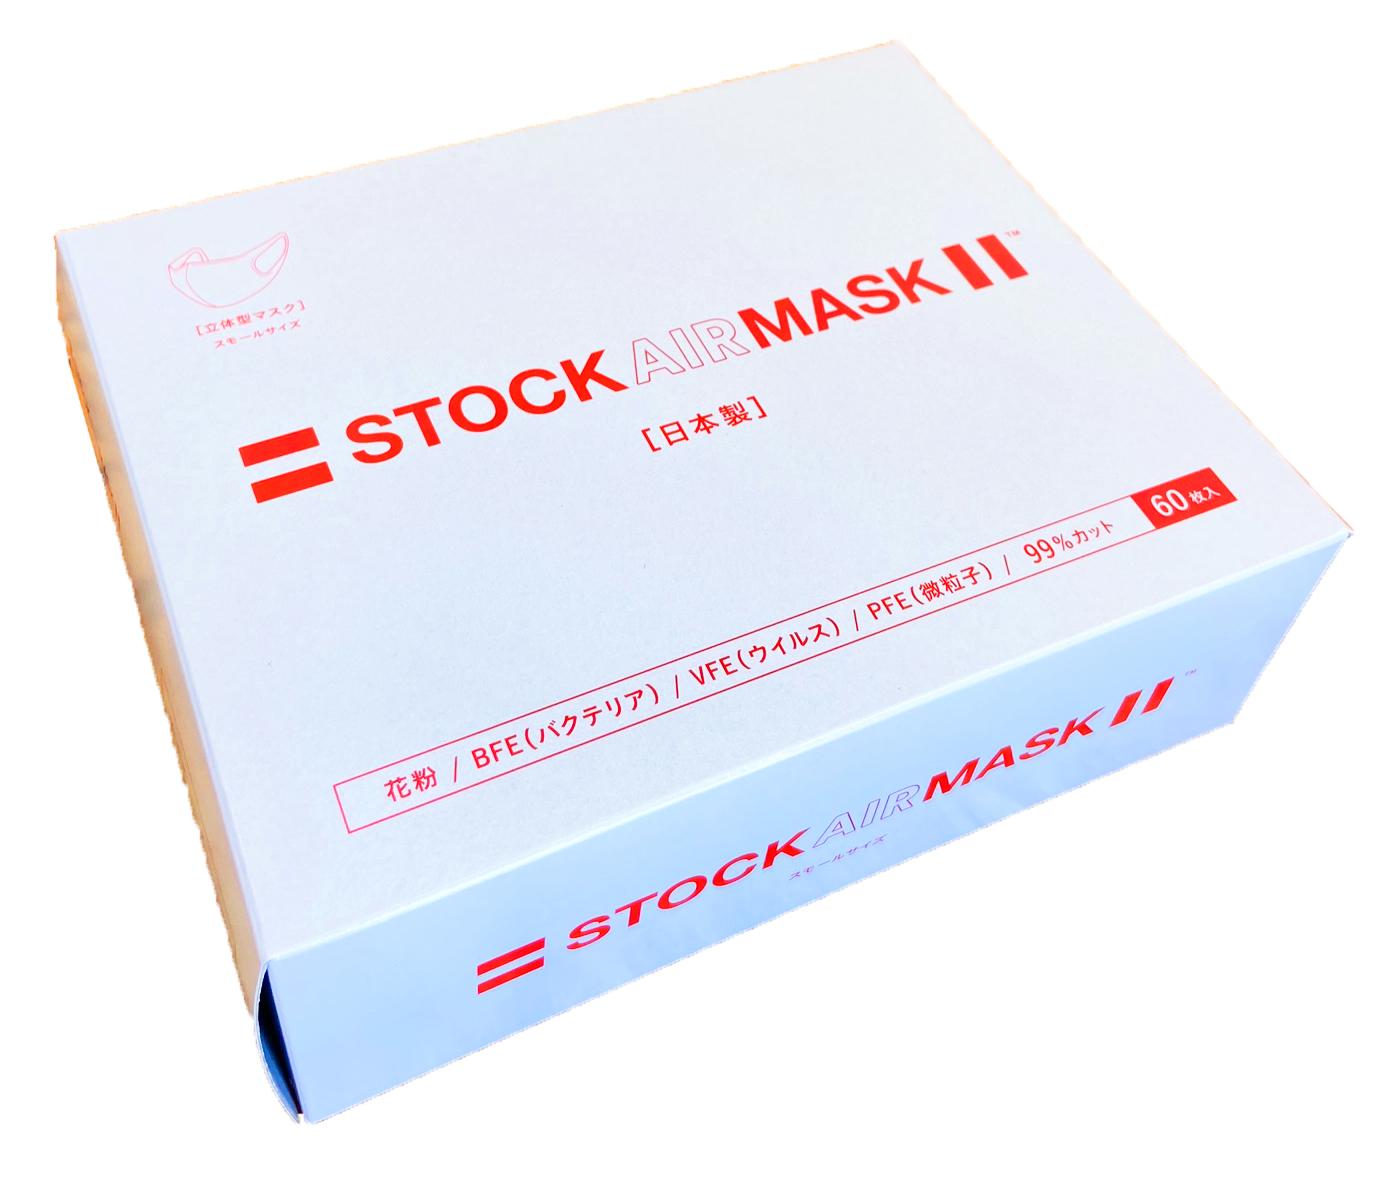 【日本製】 ストックエアマスク 60枚入 スモール(女性・子供用) 3層構造立体フェイスマスク